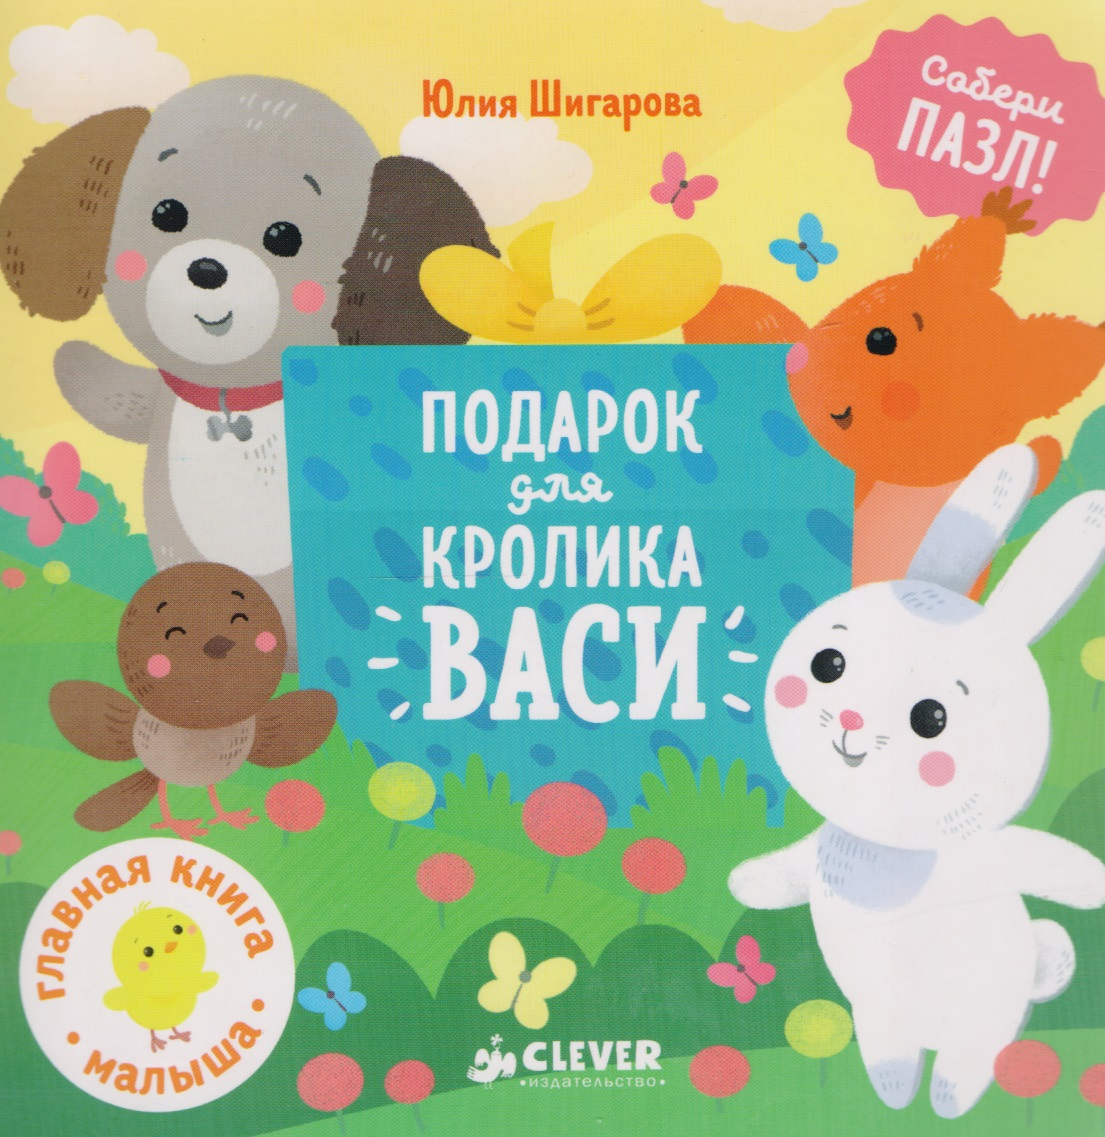 Подарок для кролика Васи от Читай-город